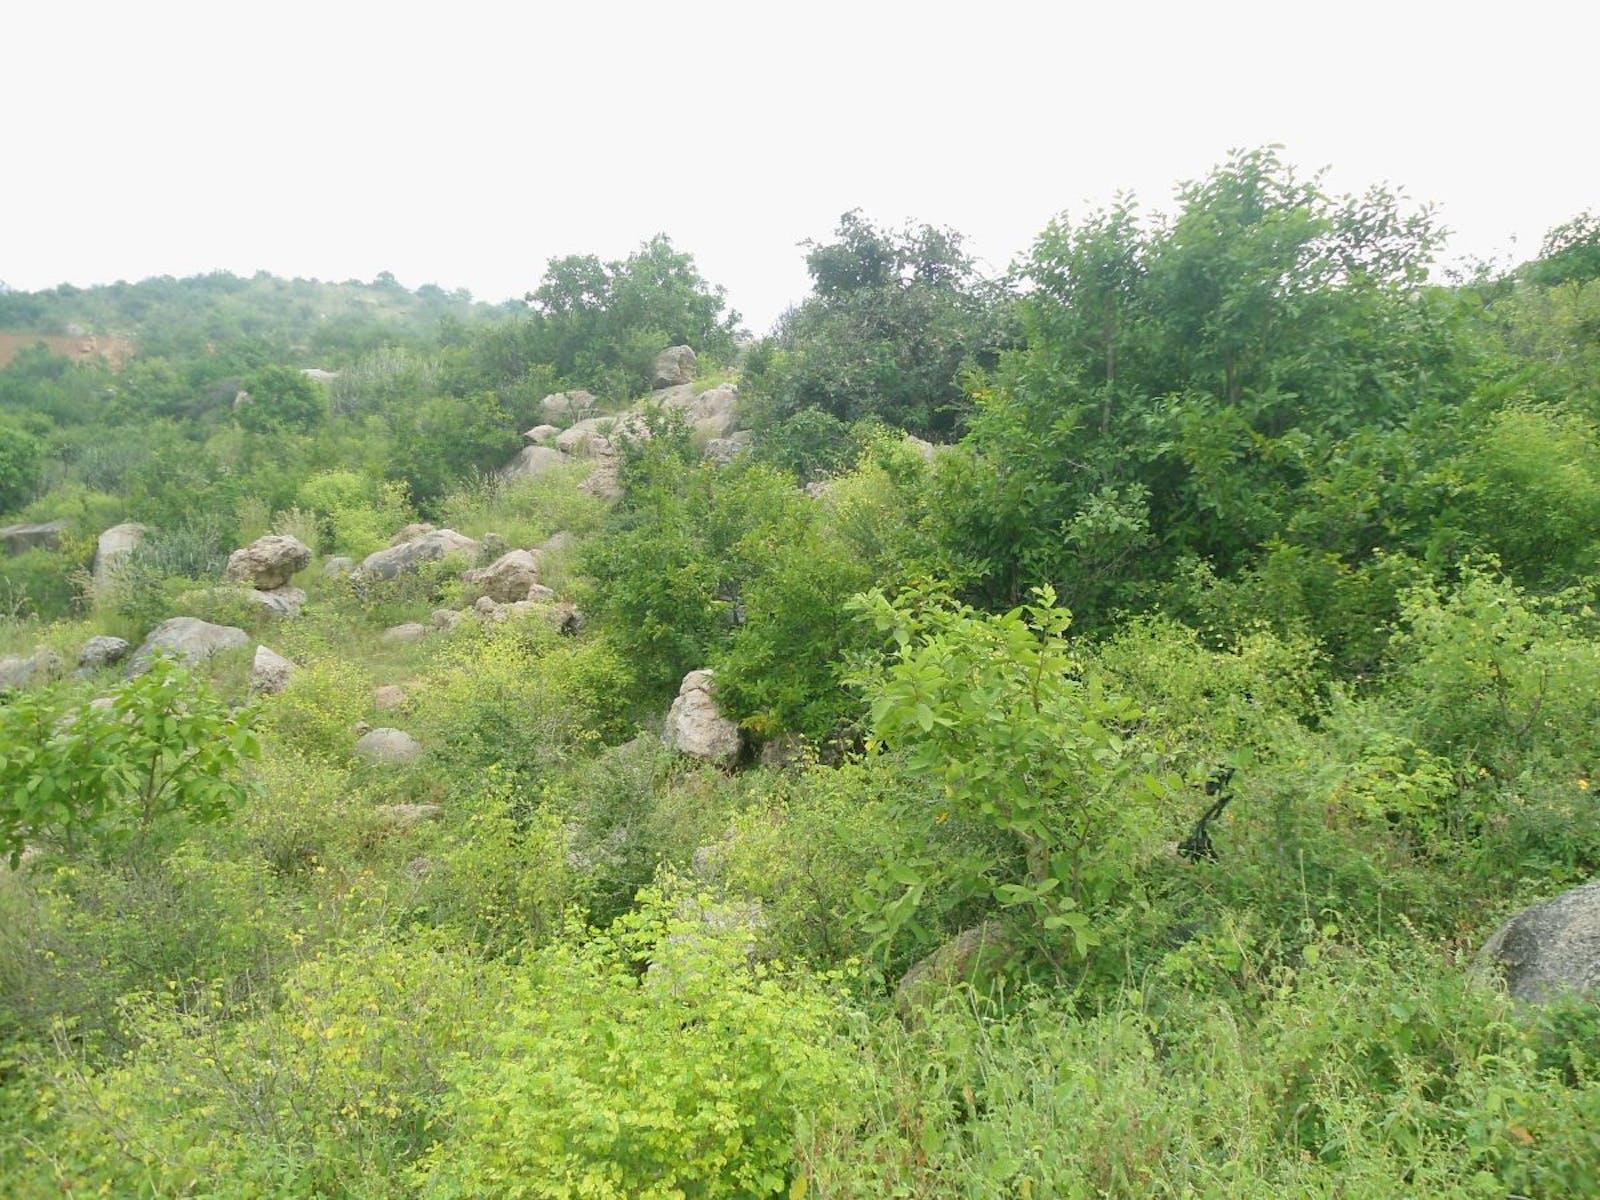 Deccan Thorn Scrub Forests